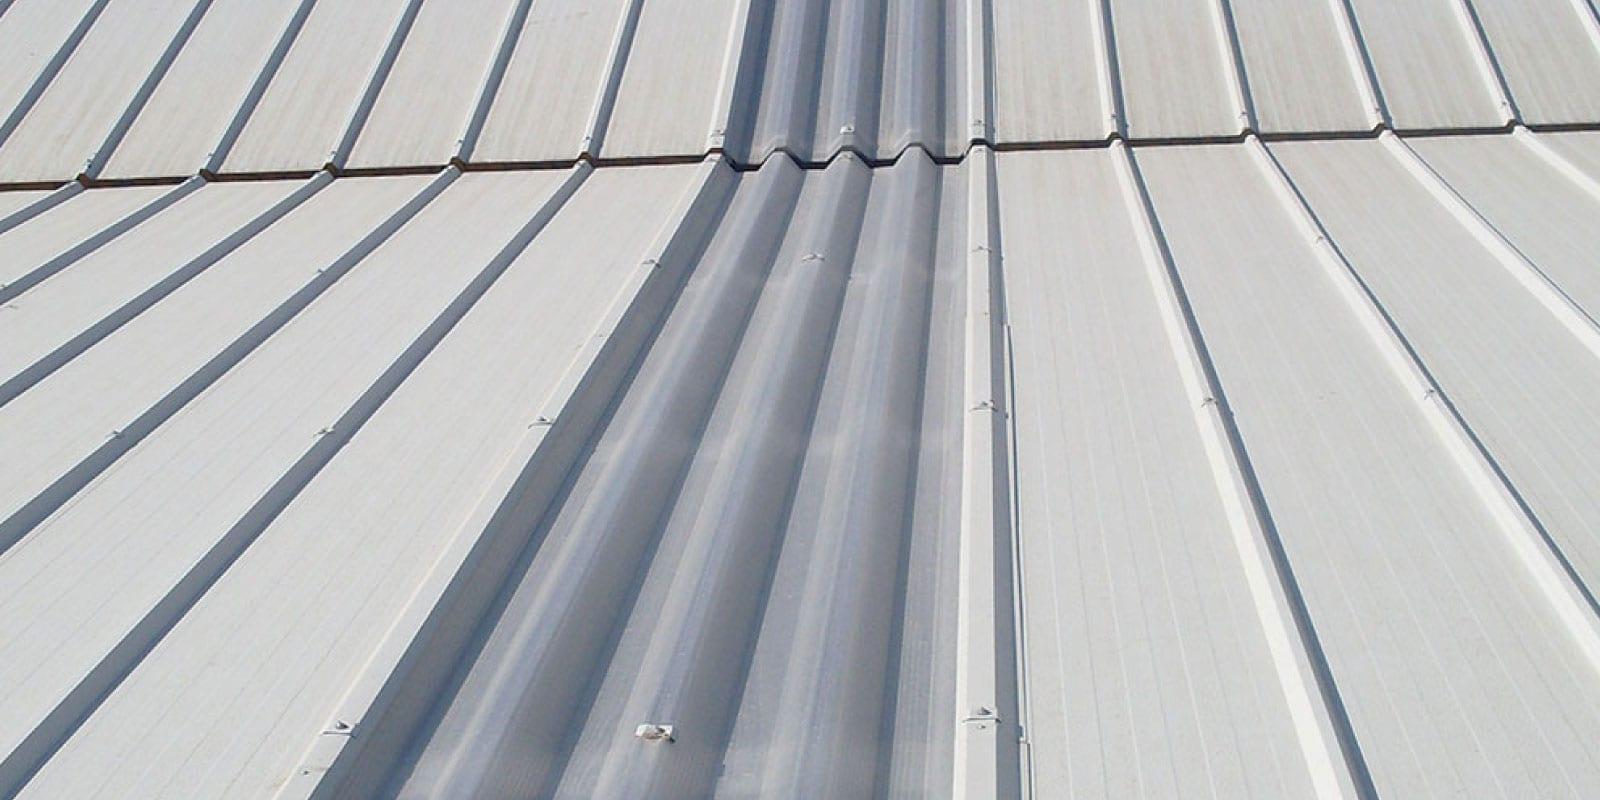 ampelite roofing